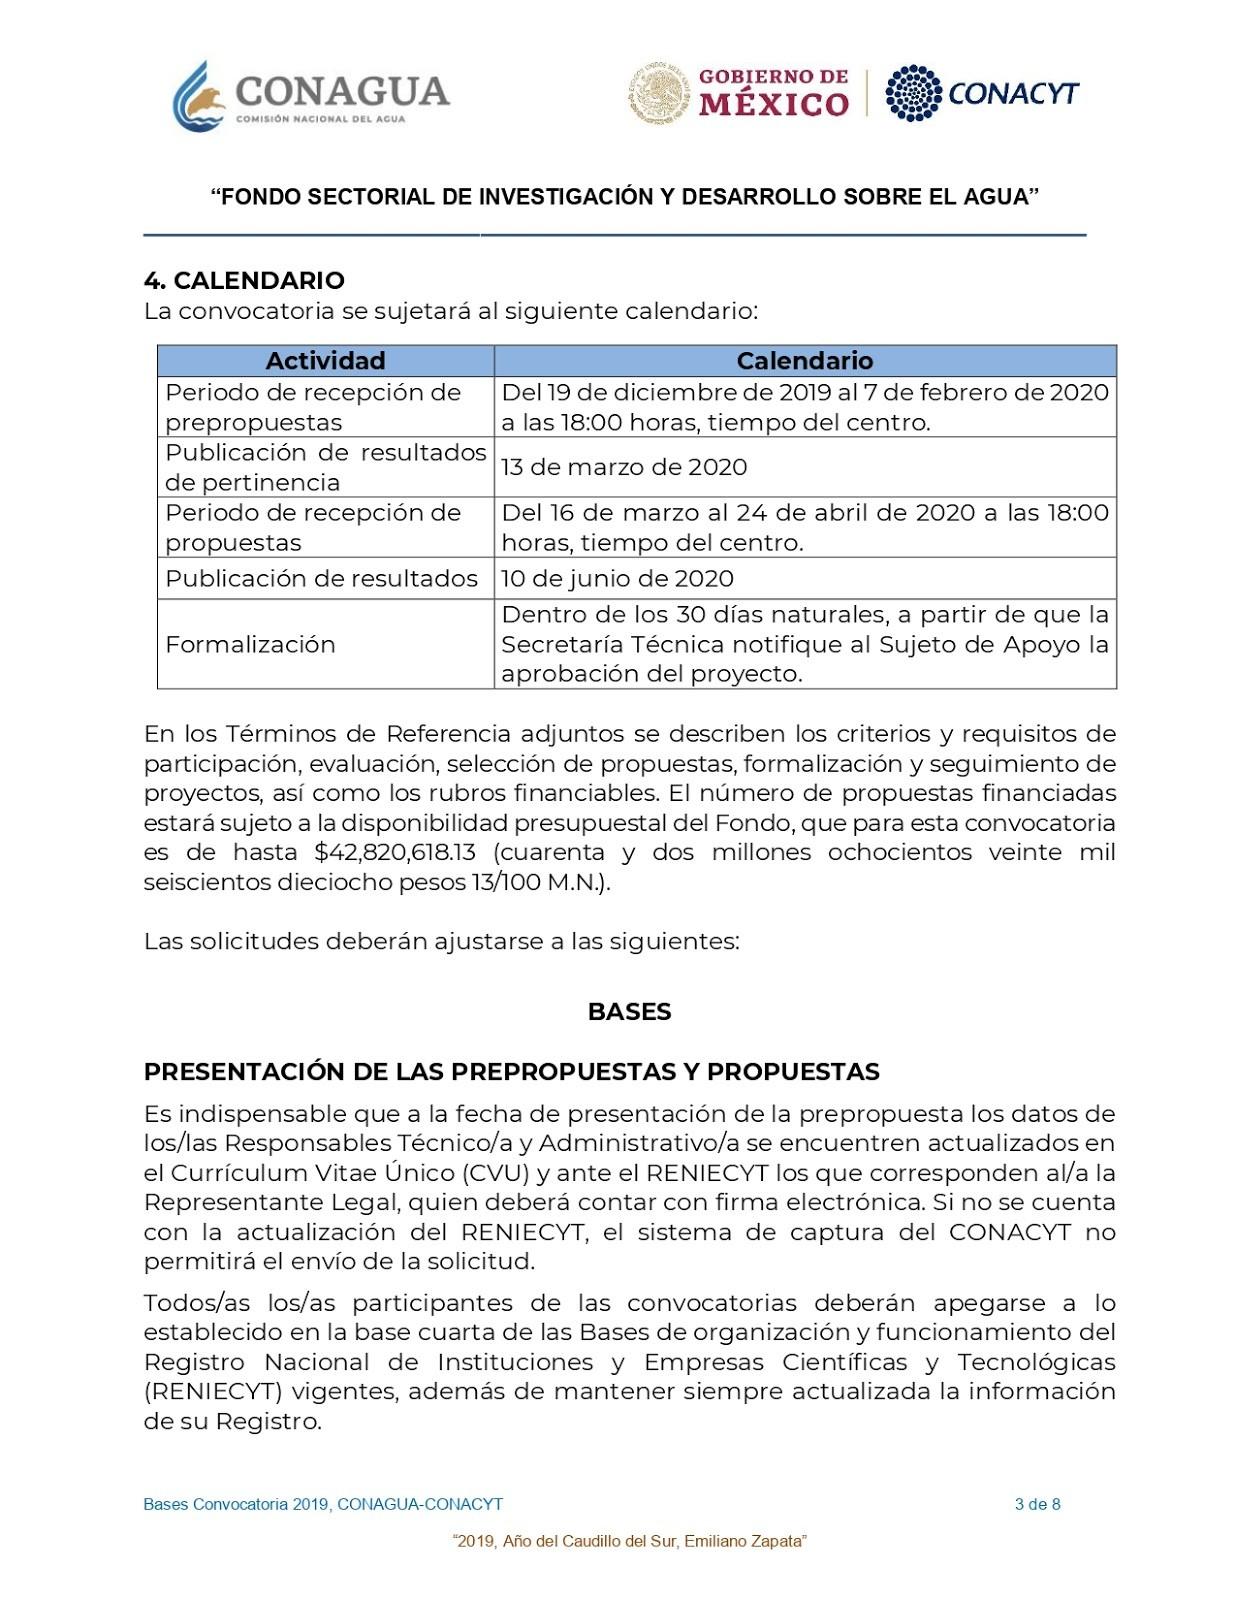 CONAGUA CONACYT 2019 page 0003